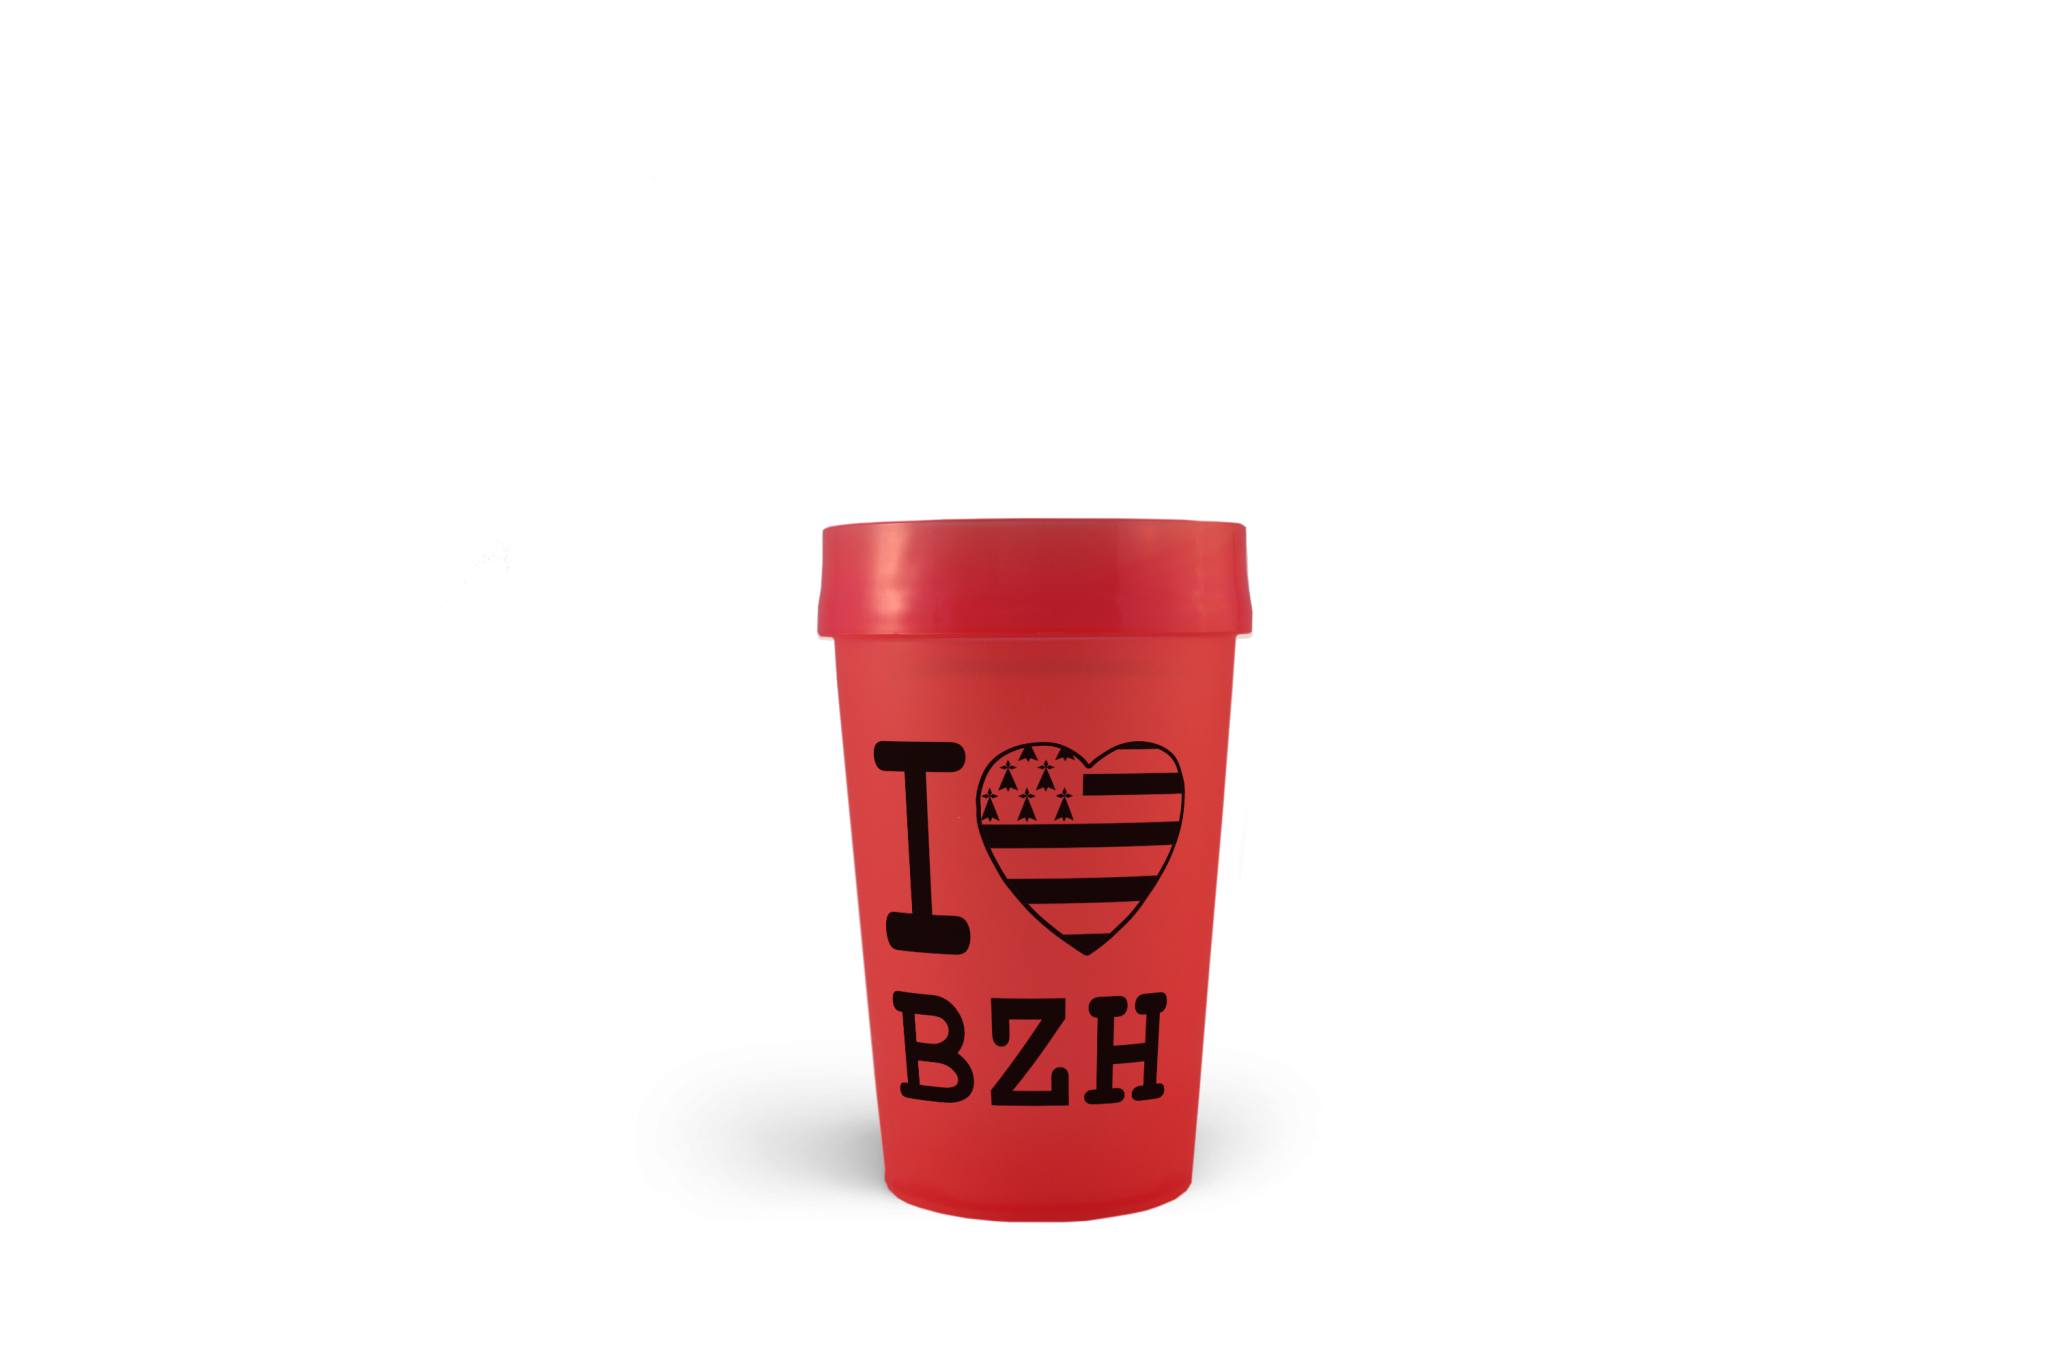 EP 25 generique i love BZH